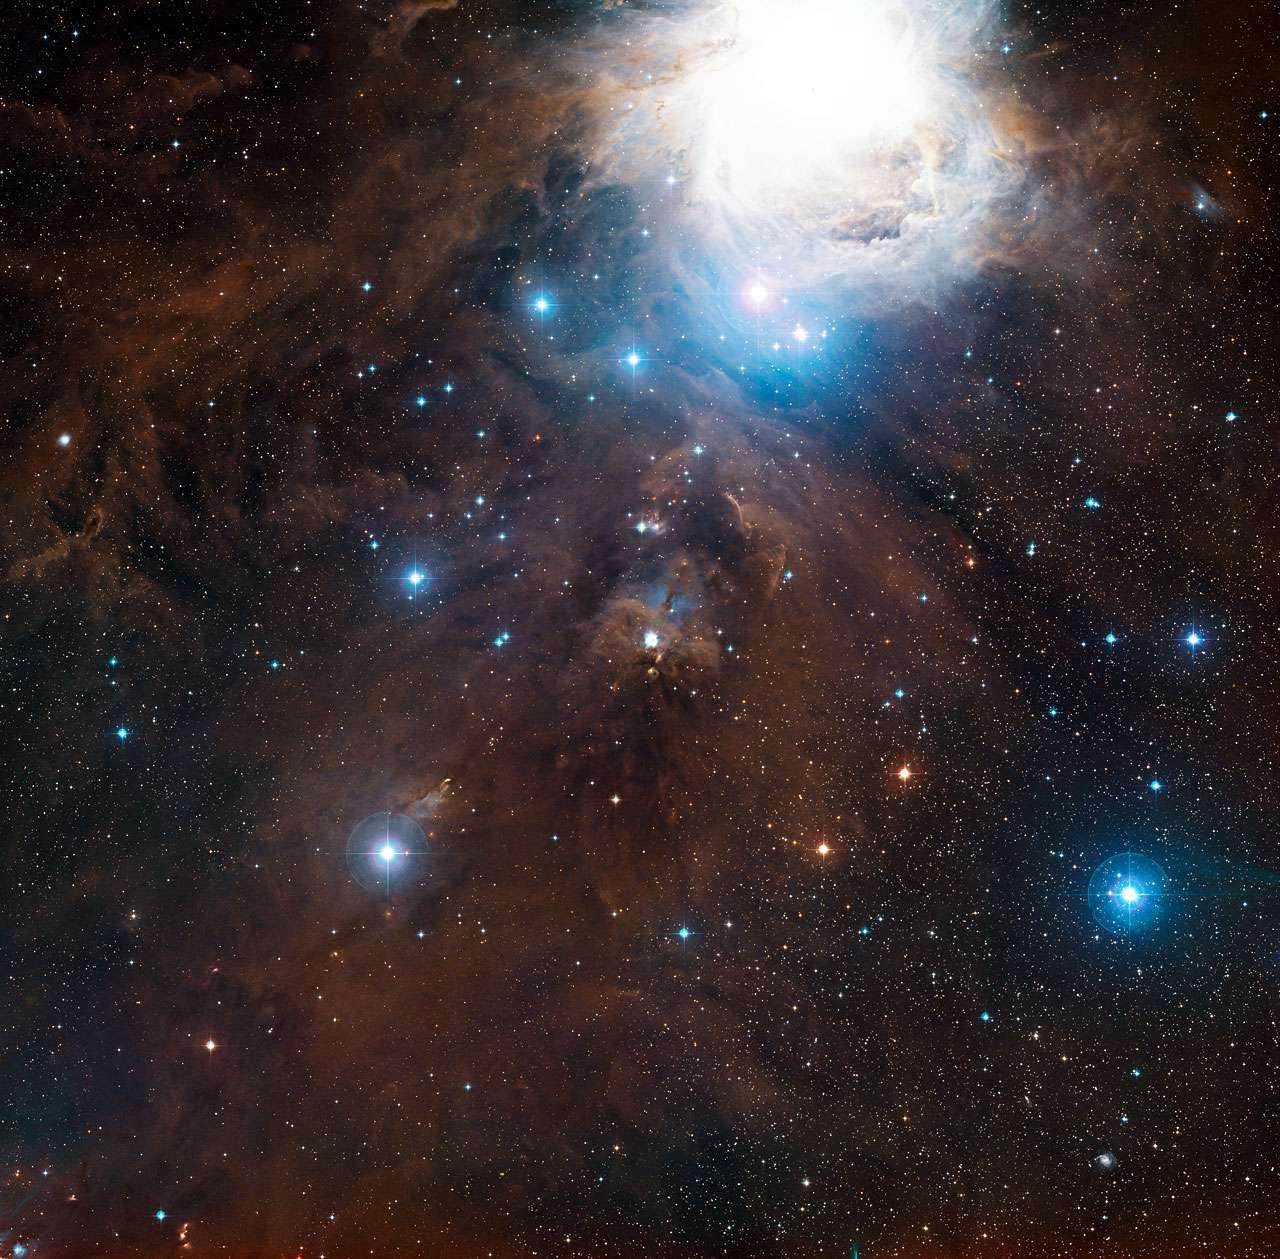 Cette image à grand champ montre la région autour de la nébuleuse par réflexion NGC 1999 dans la fameuse constellation d'Orion en lumière visible. NGC 1999 se trouve au centre de l'image. La grande structure brillante en haut de l'image est la nébuleuse bien connue d'Orion (Messier 42). Cette vue a été créée à partir de clichés du Digitized Sky Survey 2. © ESO, Digitized Sky Survey 2, Davide De Martin